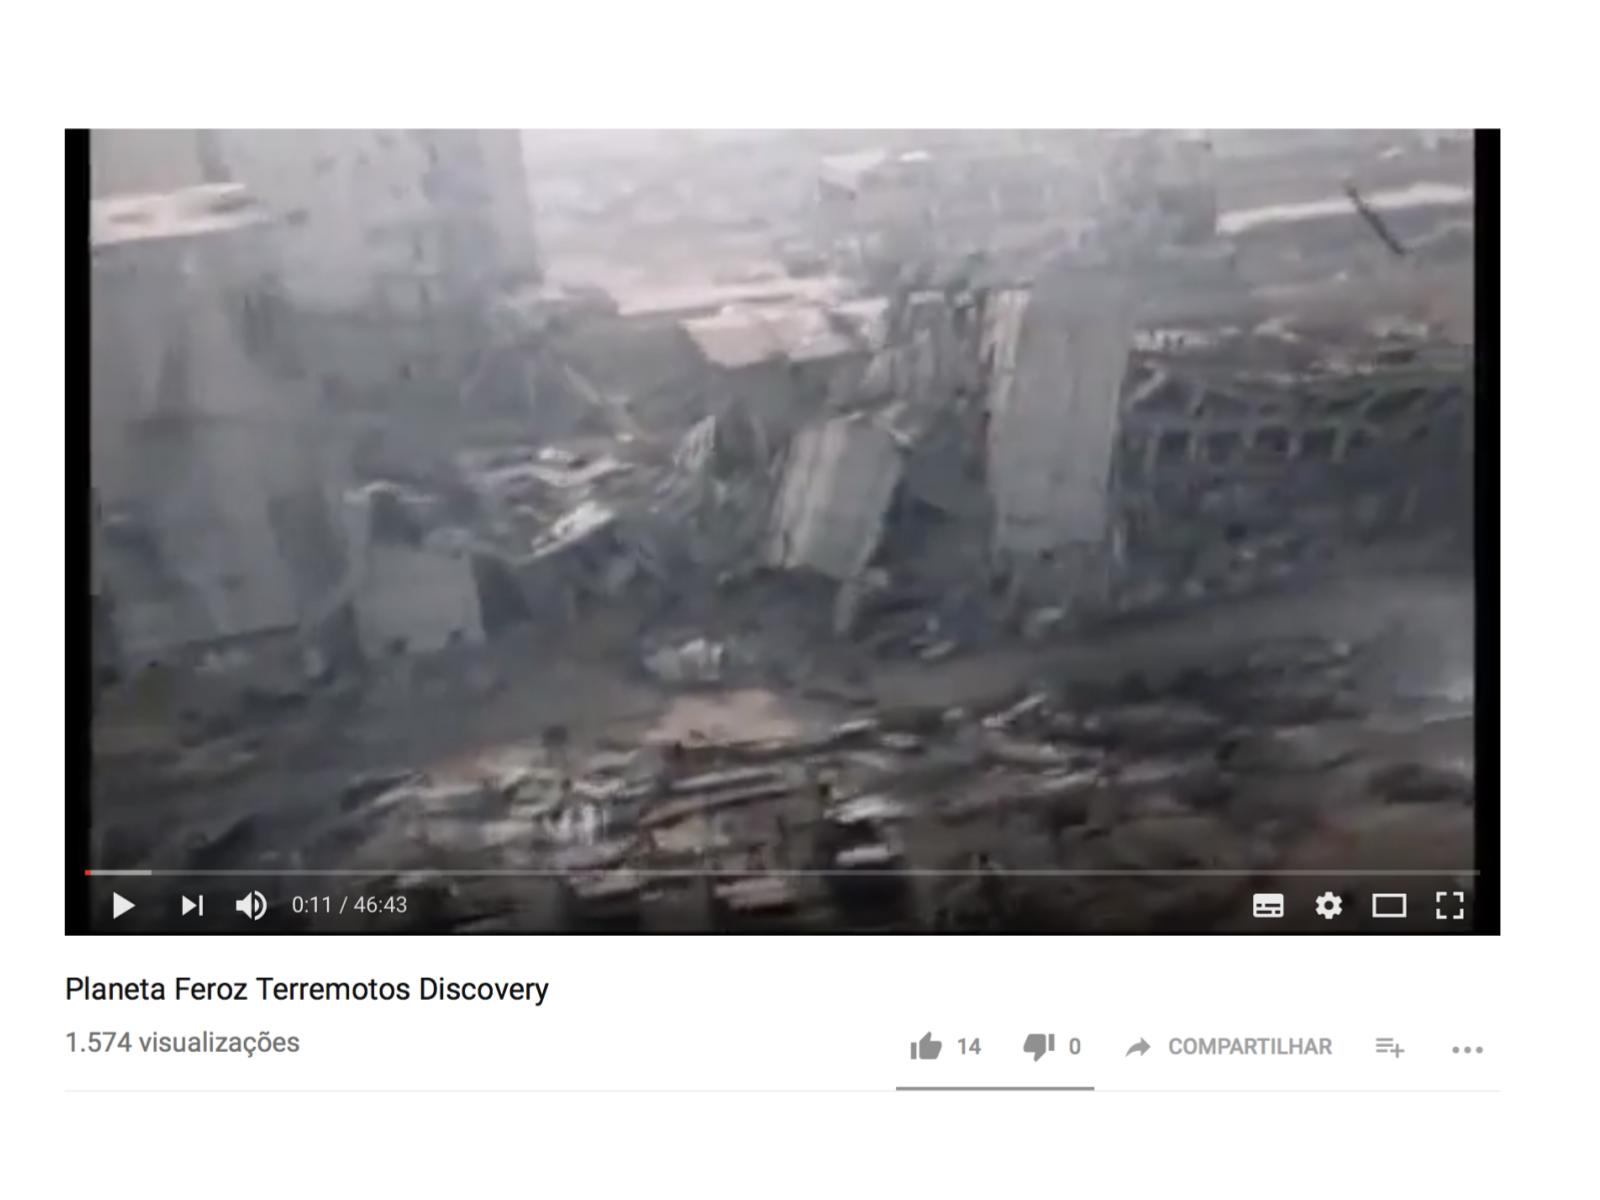 Formação, ocorrência e consequência dos Terremotos.